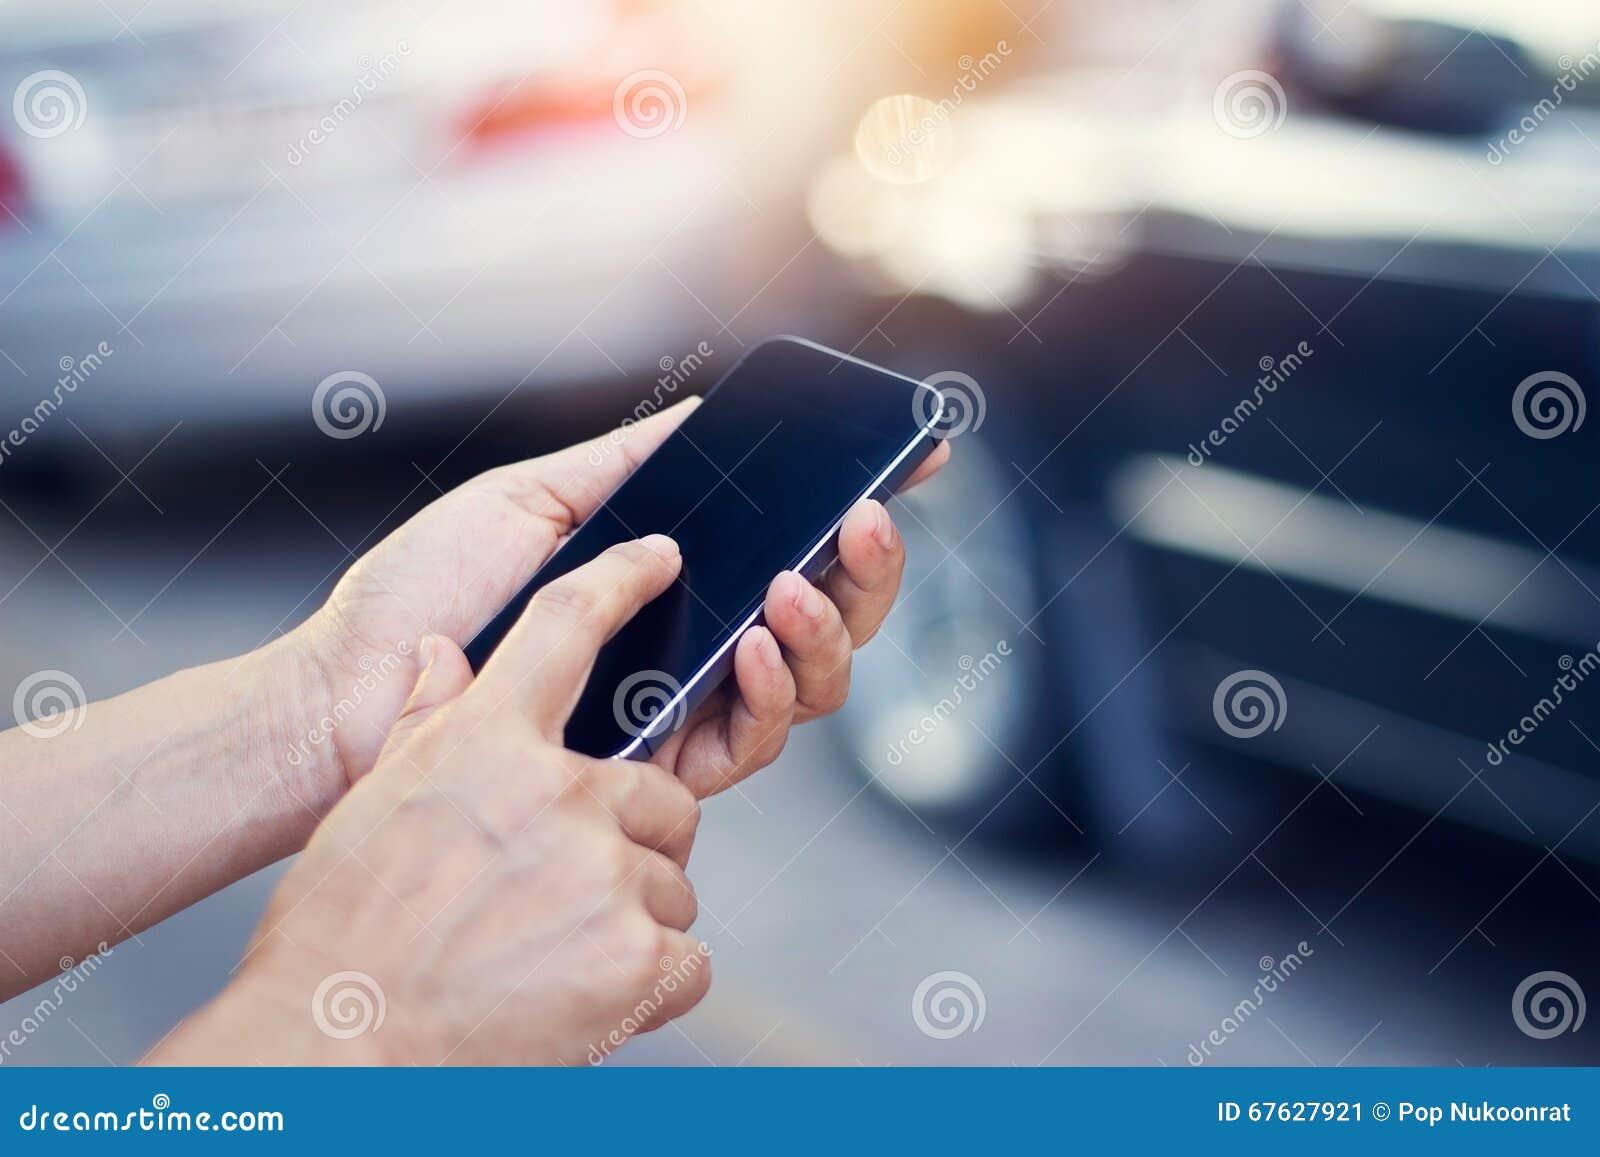 Kvinna som använder smartphonen på vägrenen efter trafikolycka